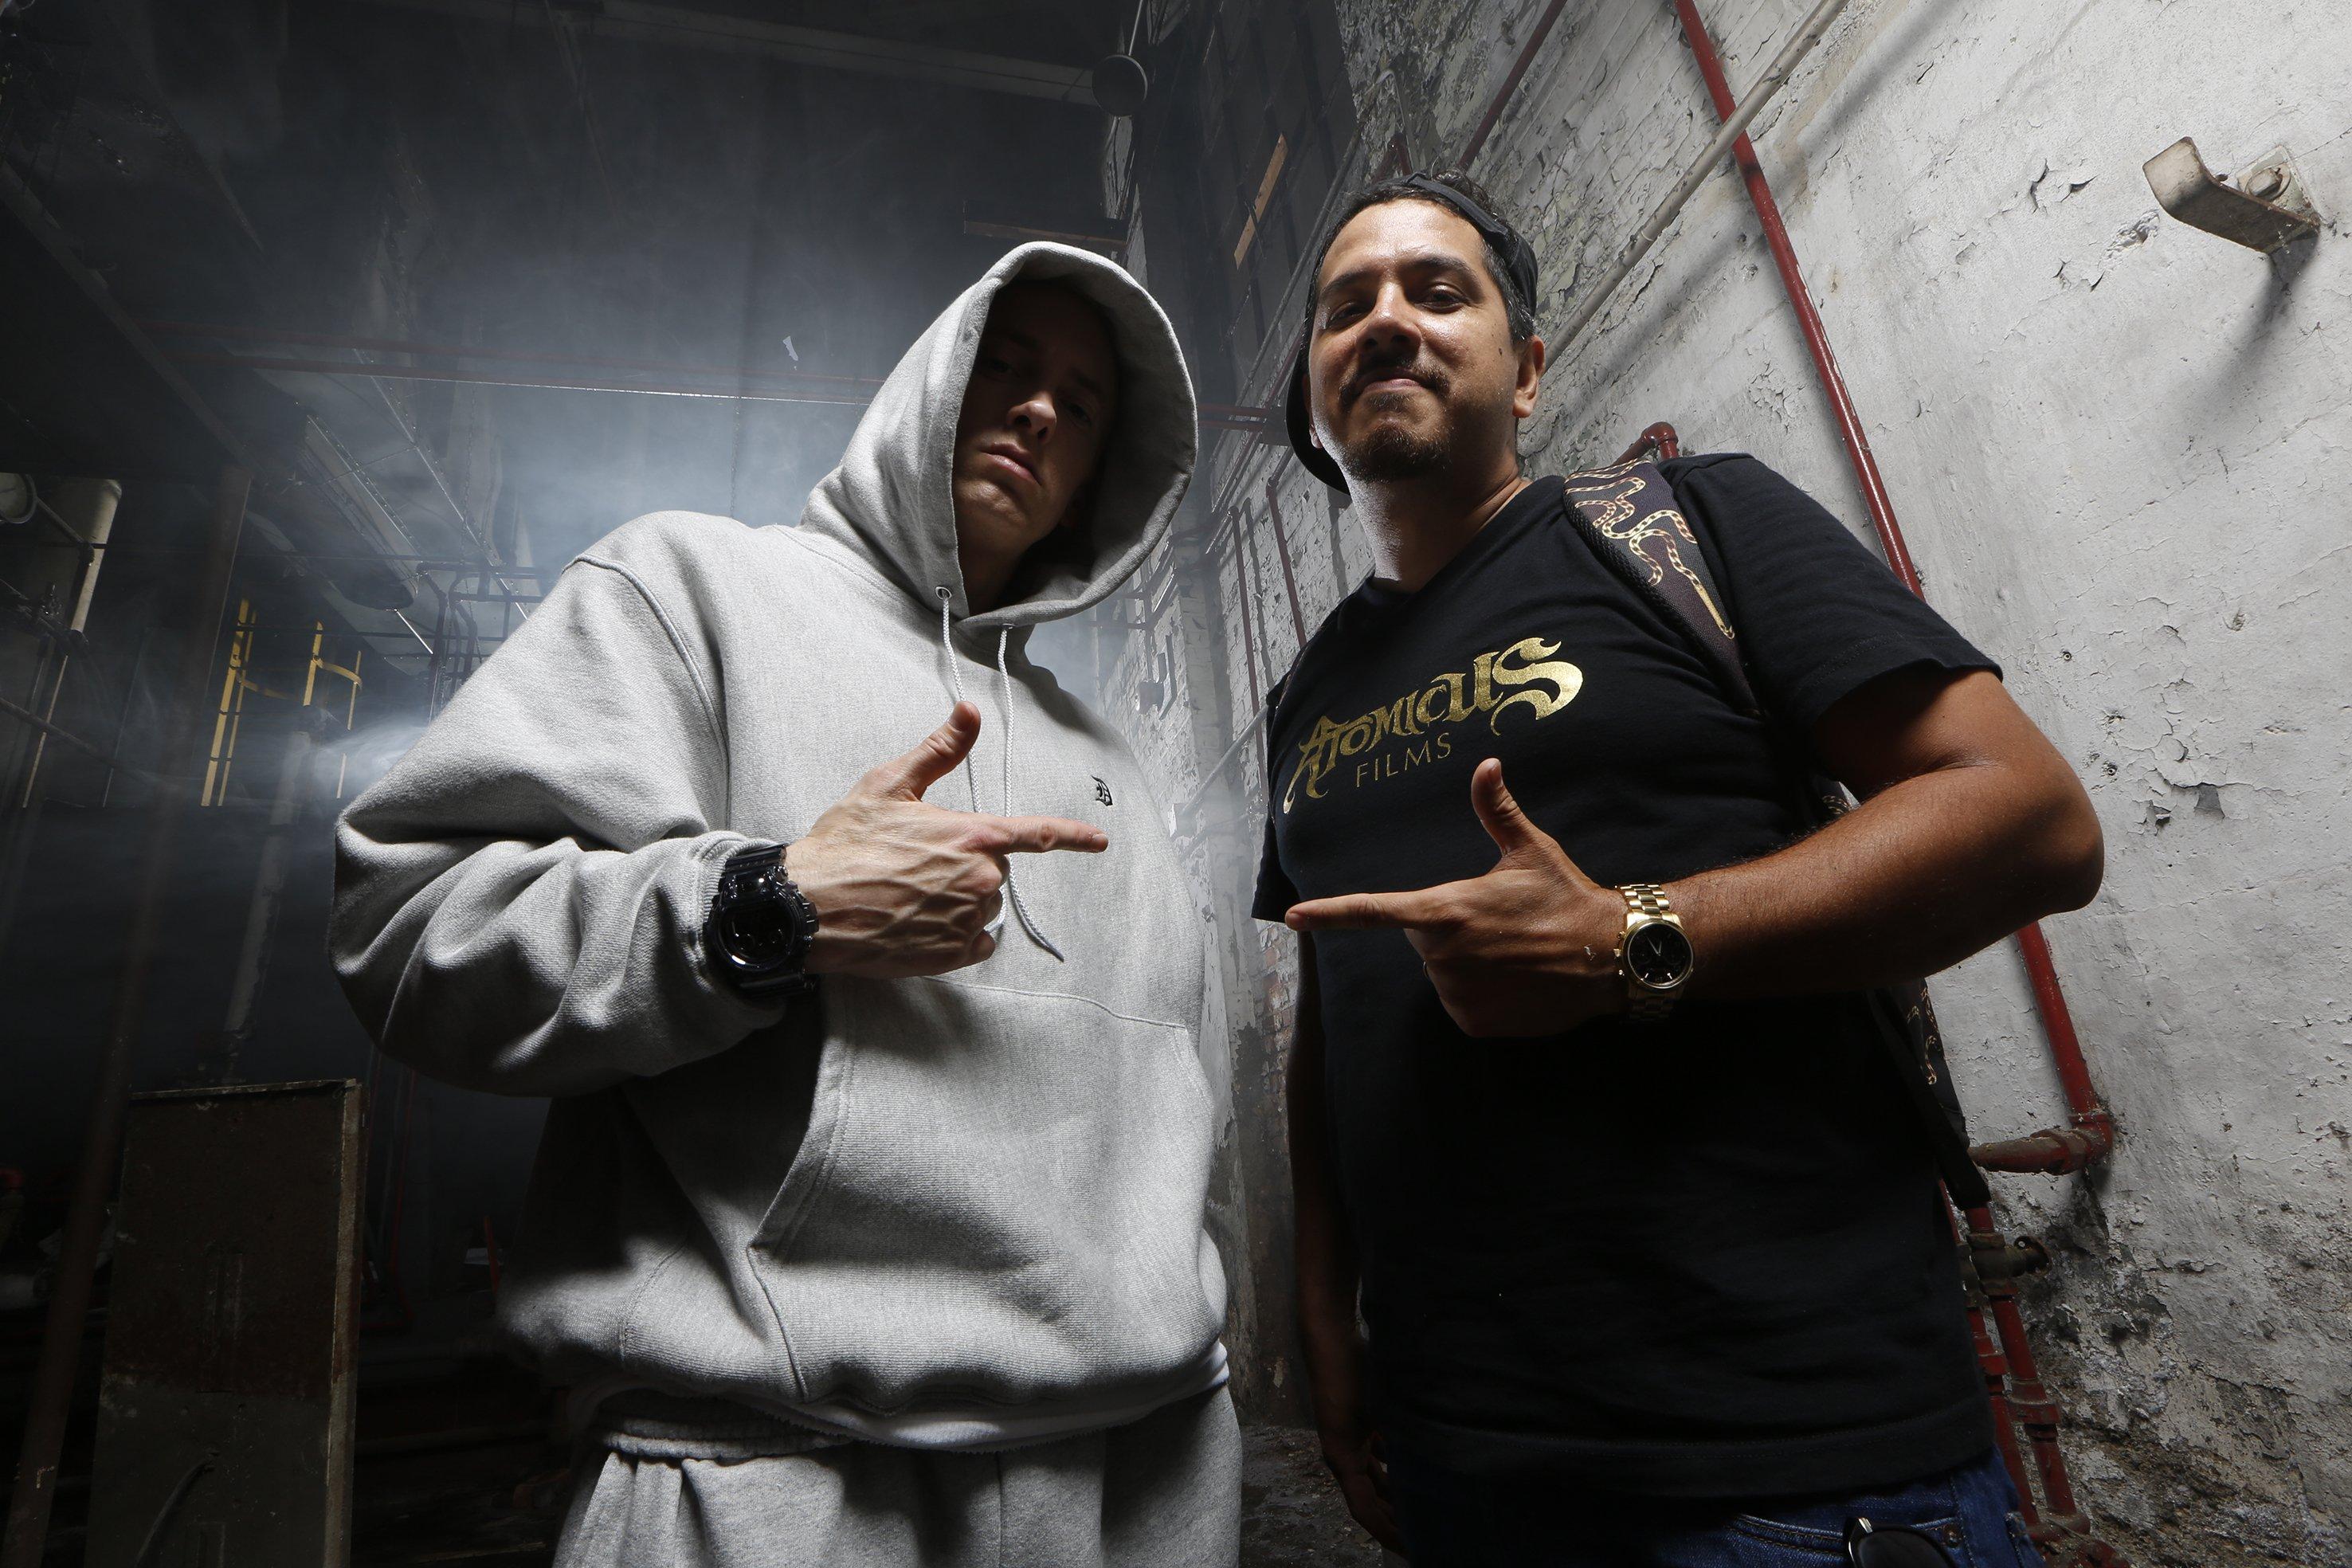 Eminem и Danny Hastings во время фотосессии для кавер-стори журнала Complex, 2013-й год